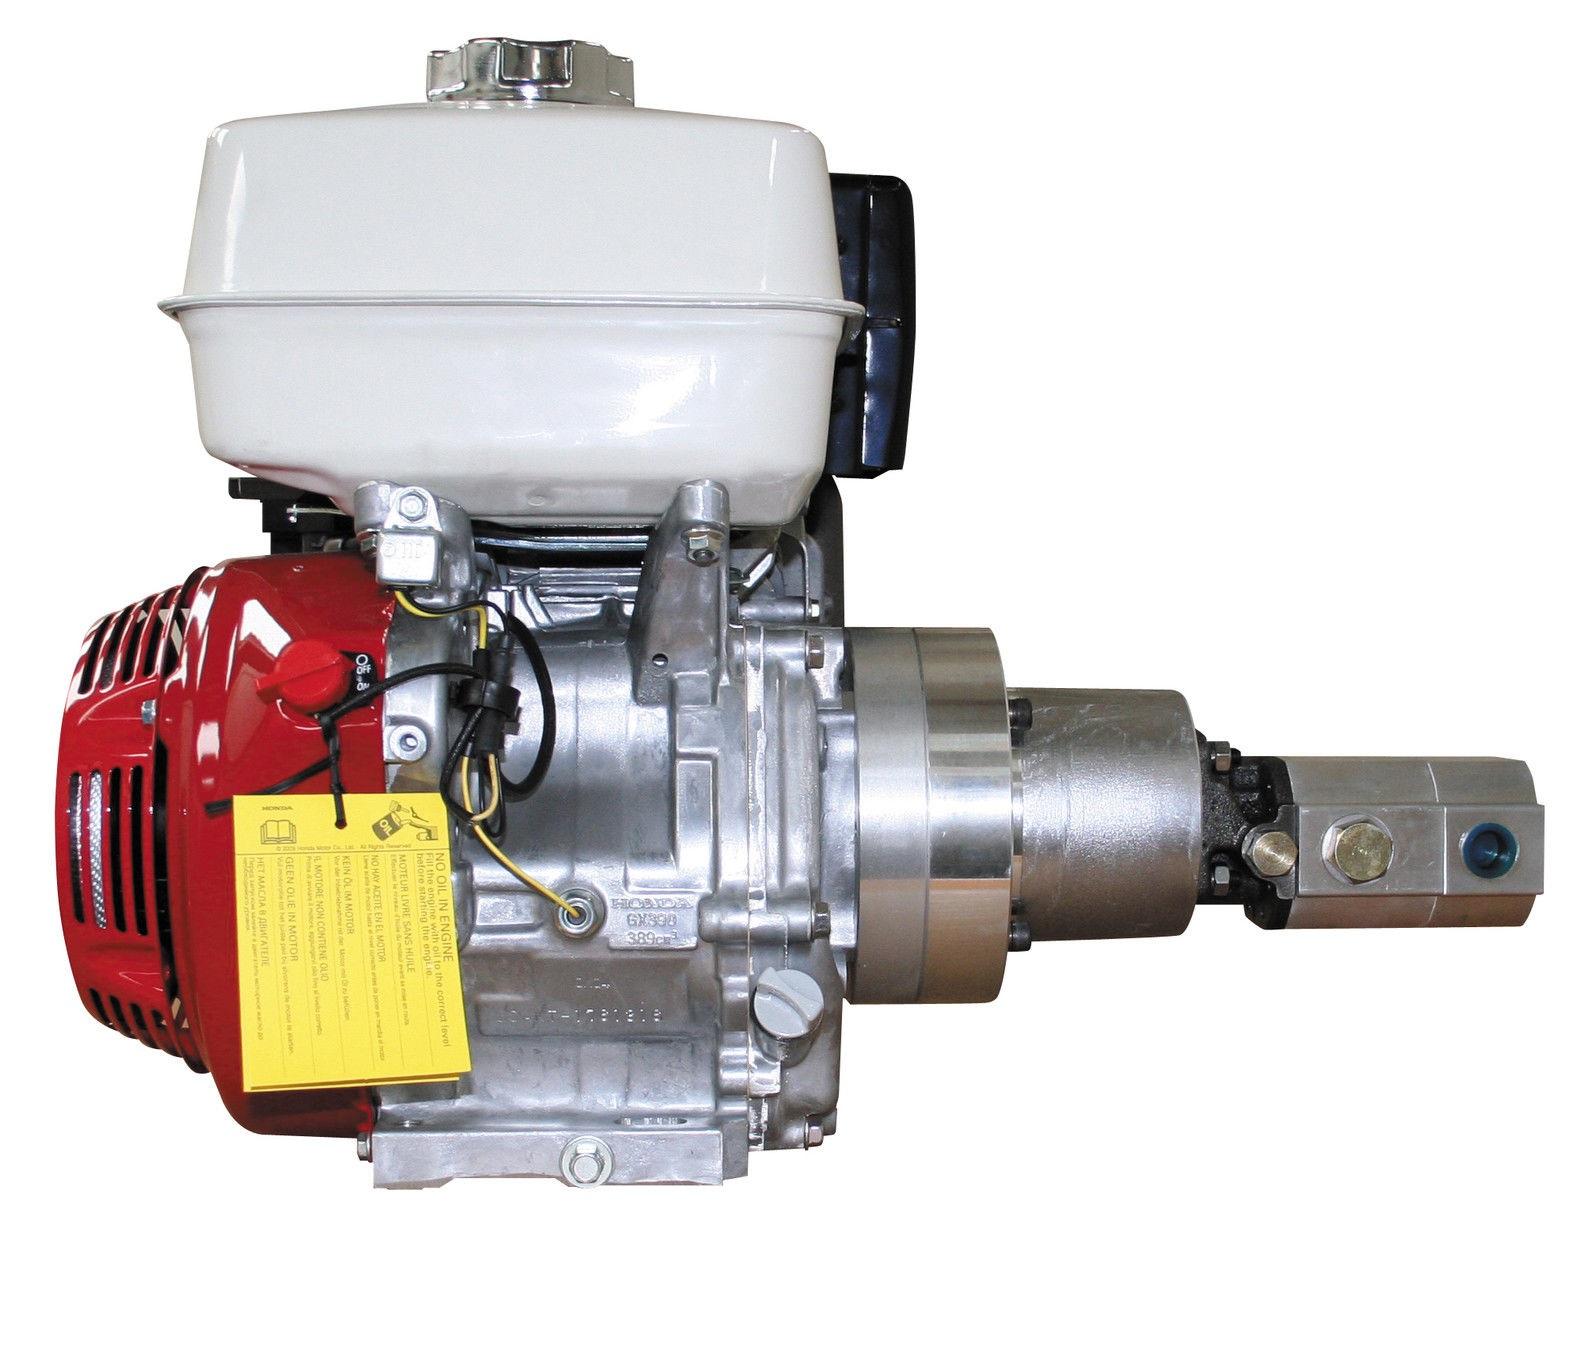 Honda Petrol Engine Hydraulic Pump Set 9hp 195 L Min Gx390 Charging System Wiring